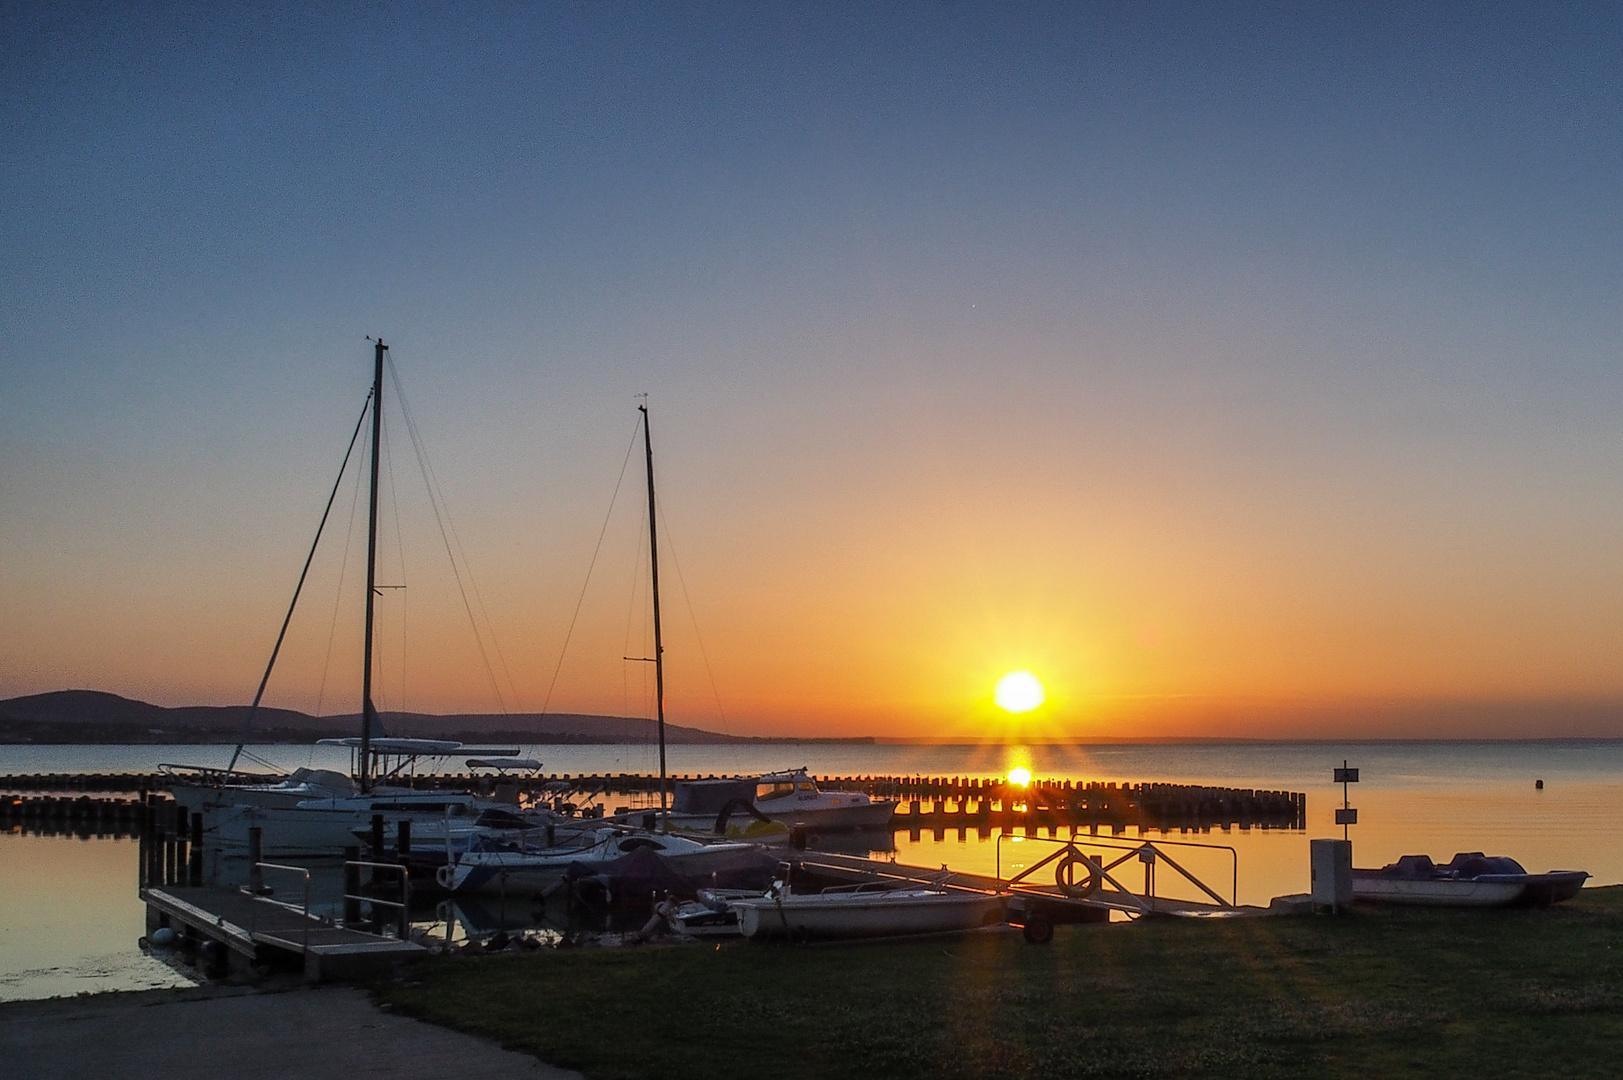 Sonnenaufgang am größten Binnensee Mitteleuropas